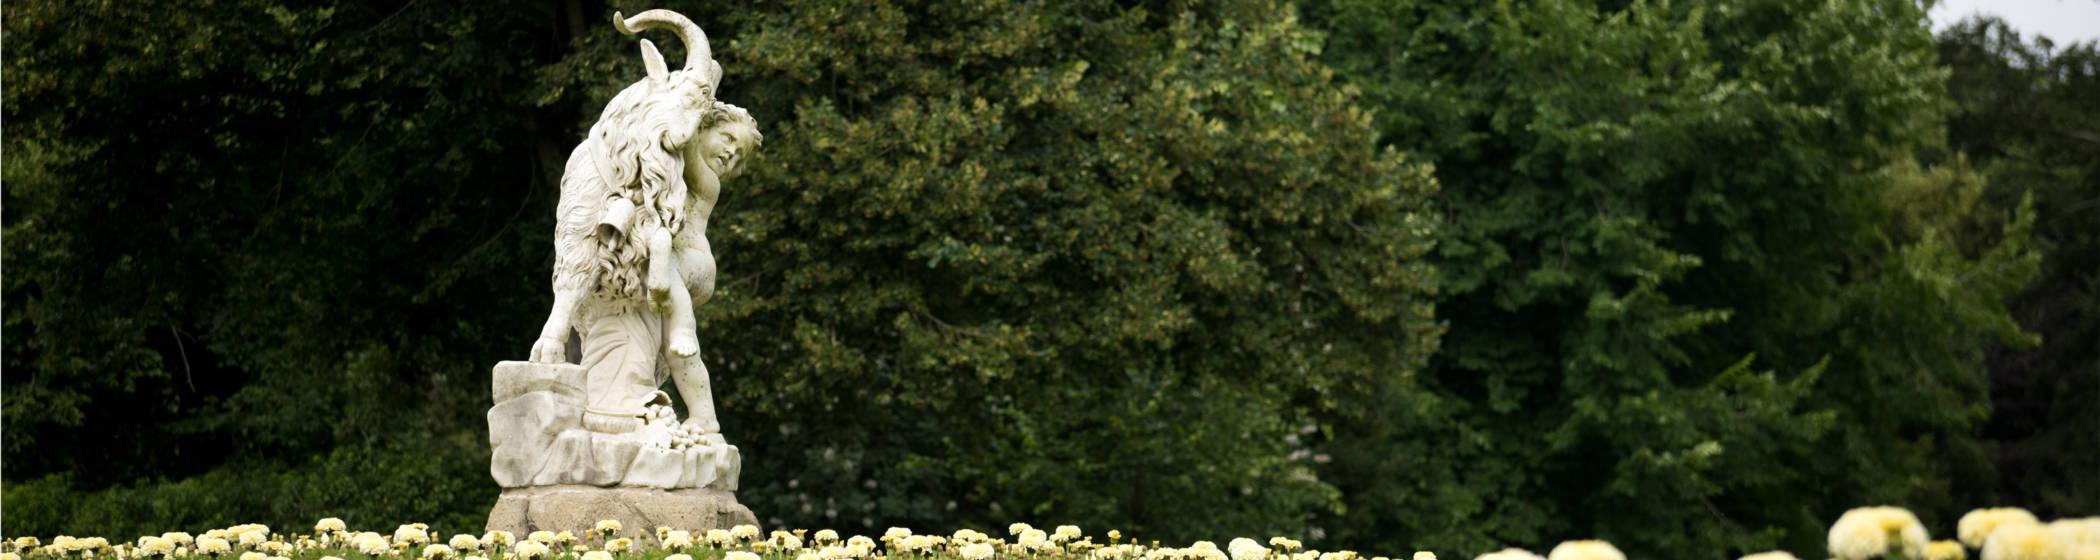 gardens statue